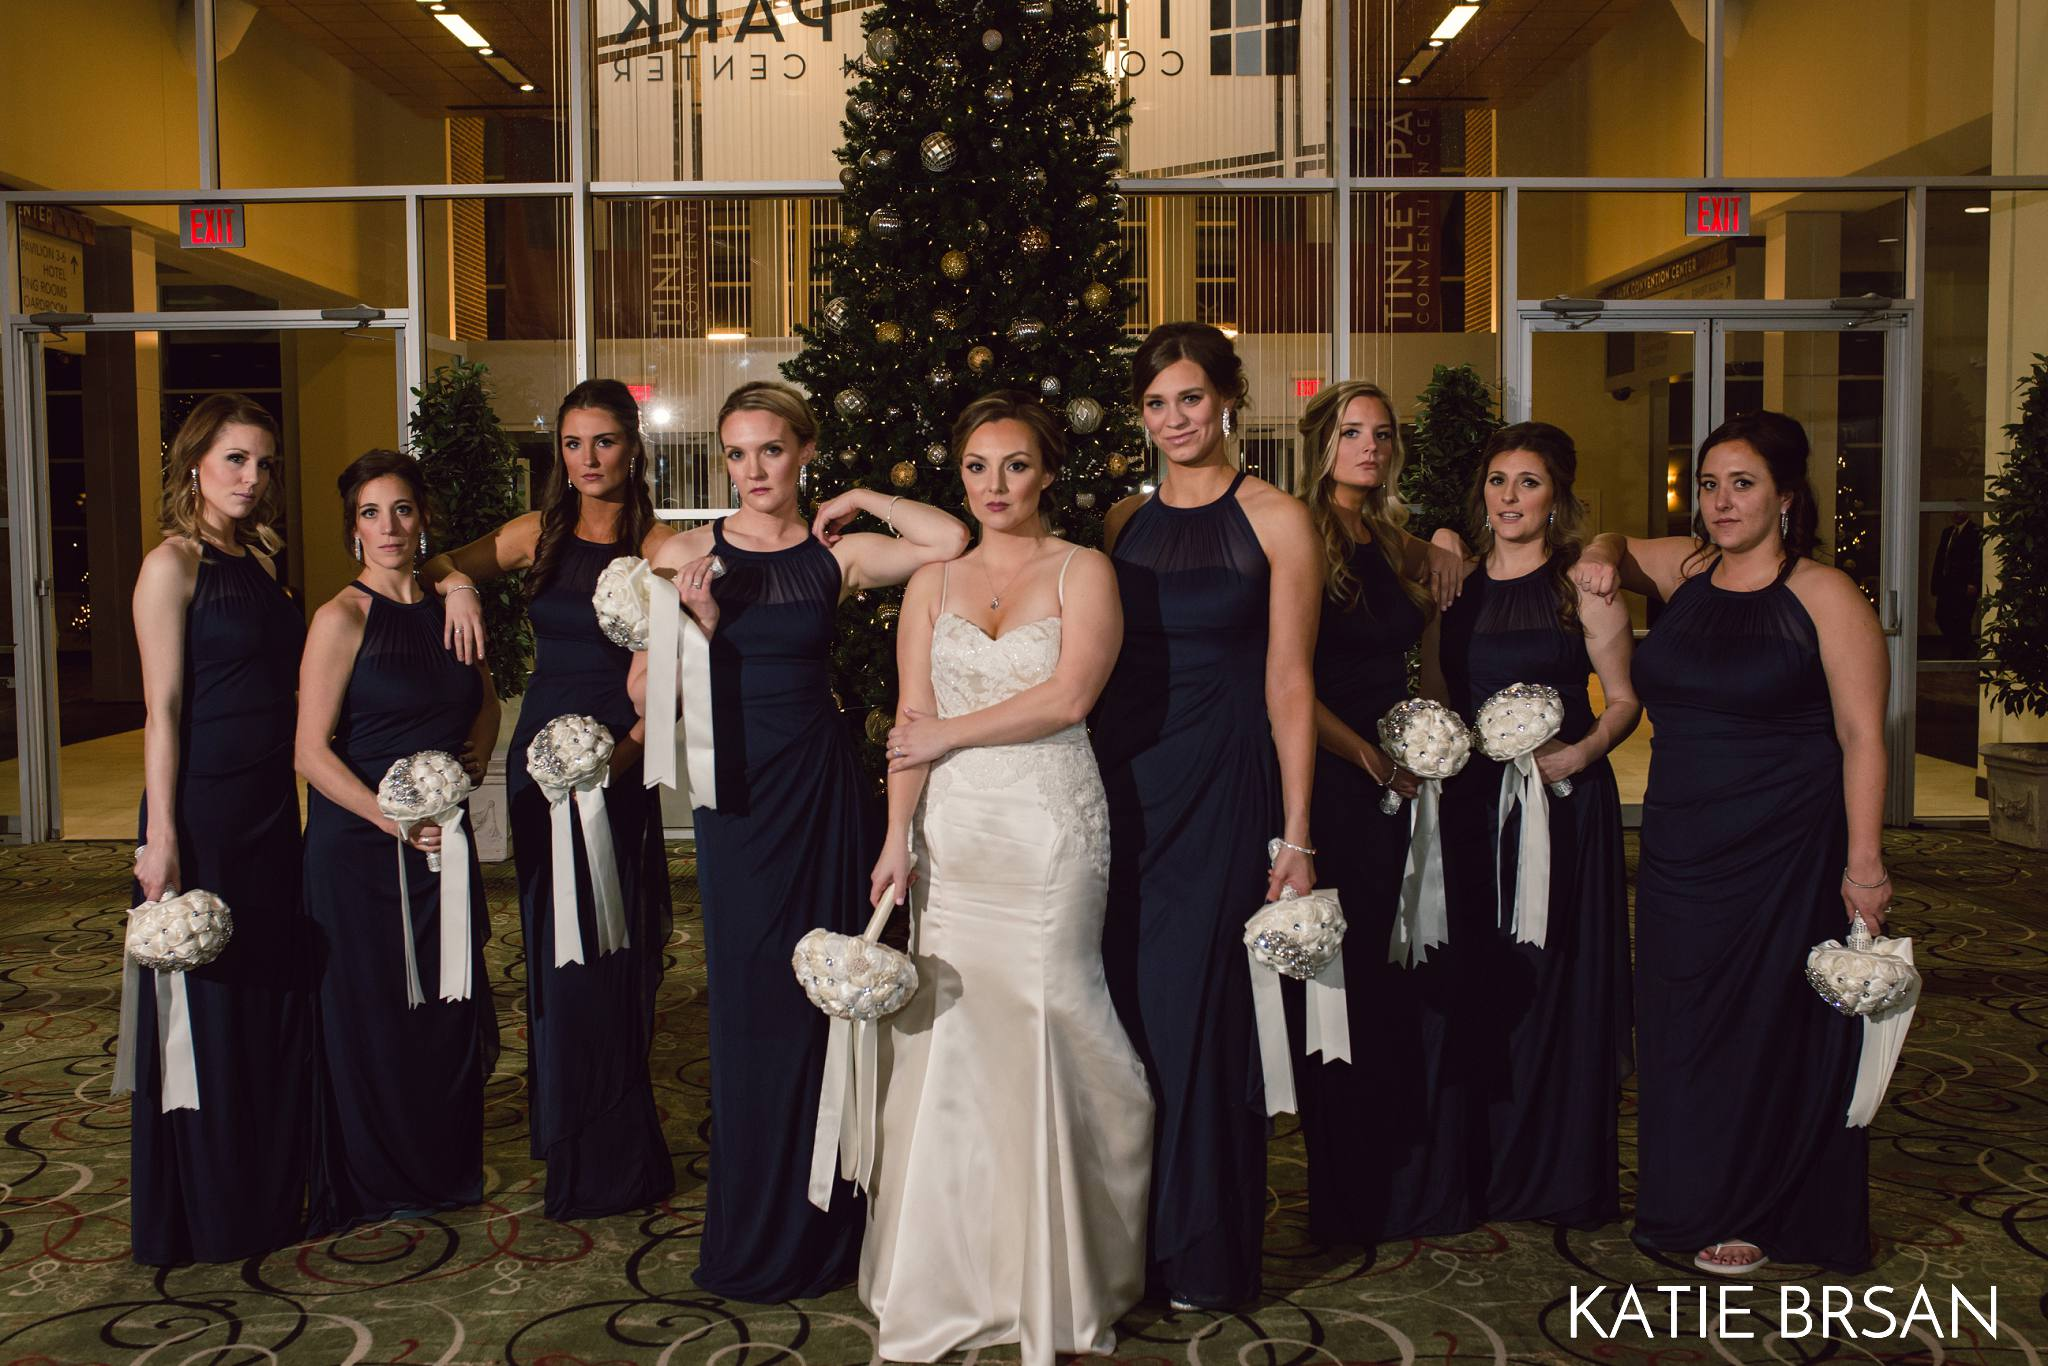 KatieBrsan-NewYearsEve-Wedding_0470.jpg